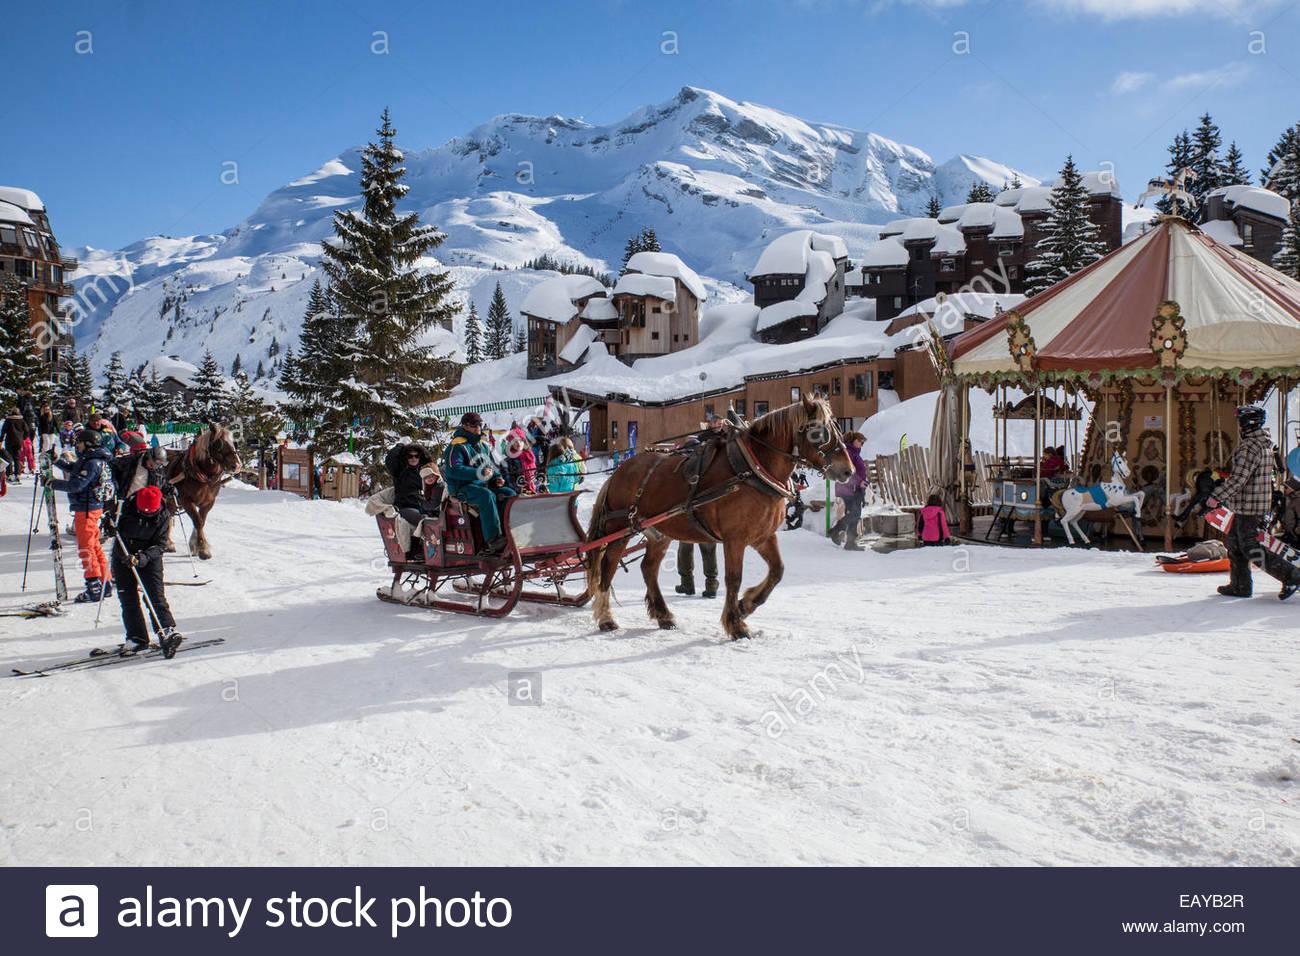 Avoriaz, french ski resort in the Alps, sledge in the town - Stock Image